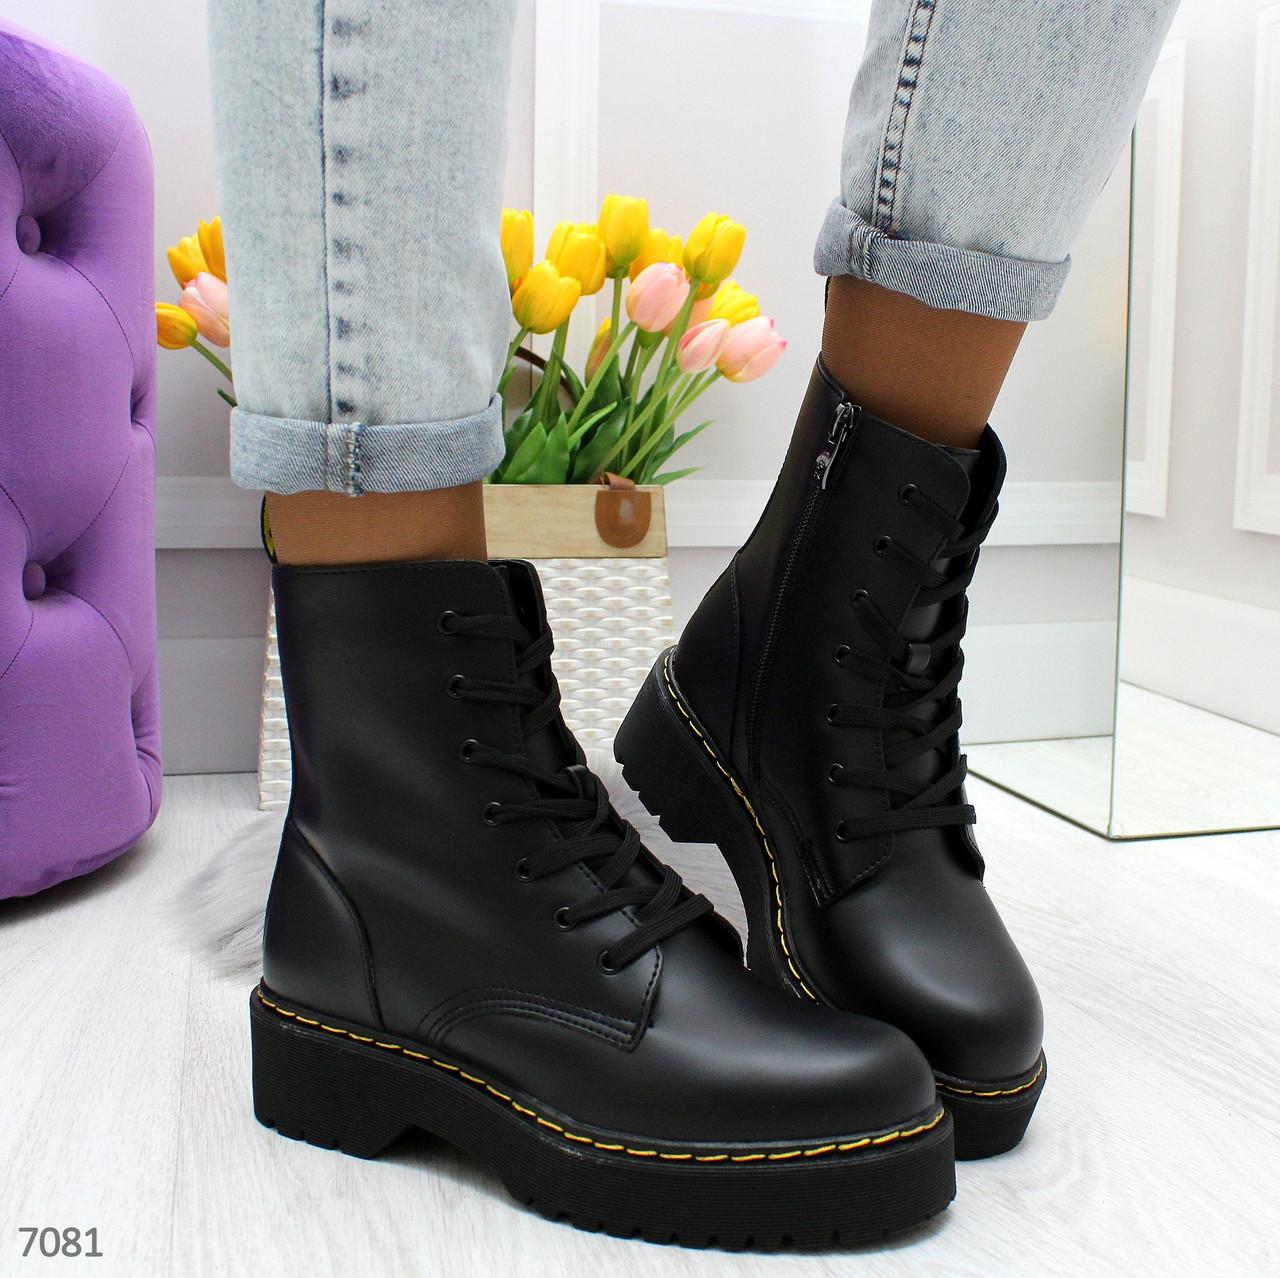 Женские ботинки из экокожи, высокие, на шнуровке 247082